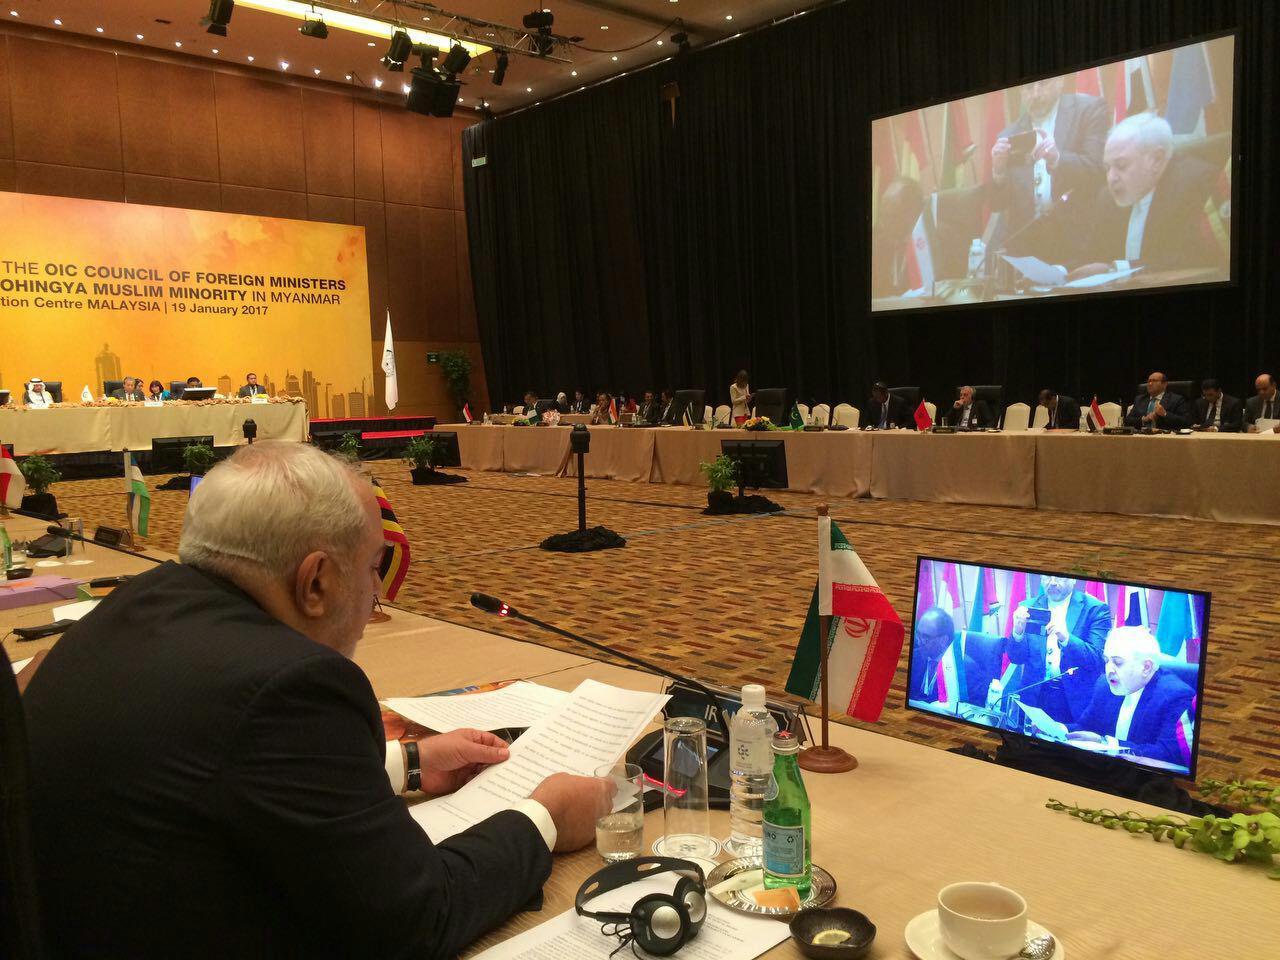 خواستار تمرکز سازمان ملل متحد به موضوع مسلمانان میانمار شد